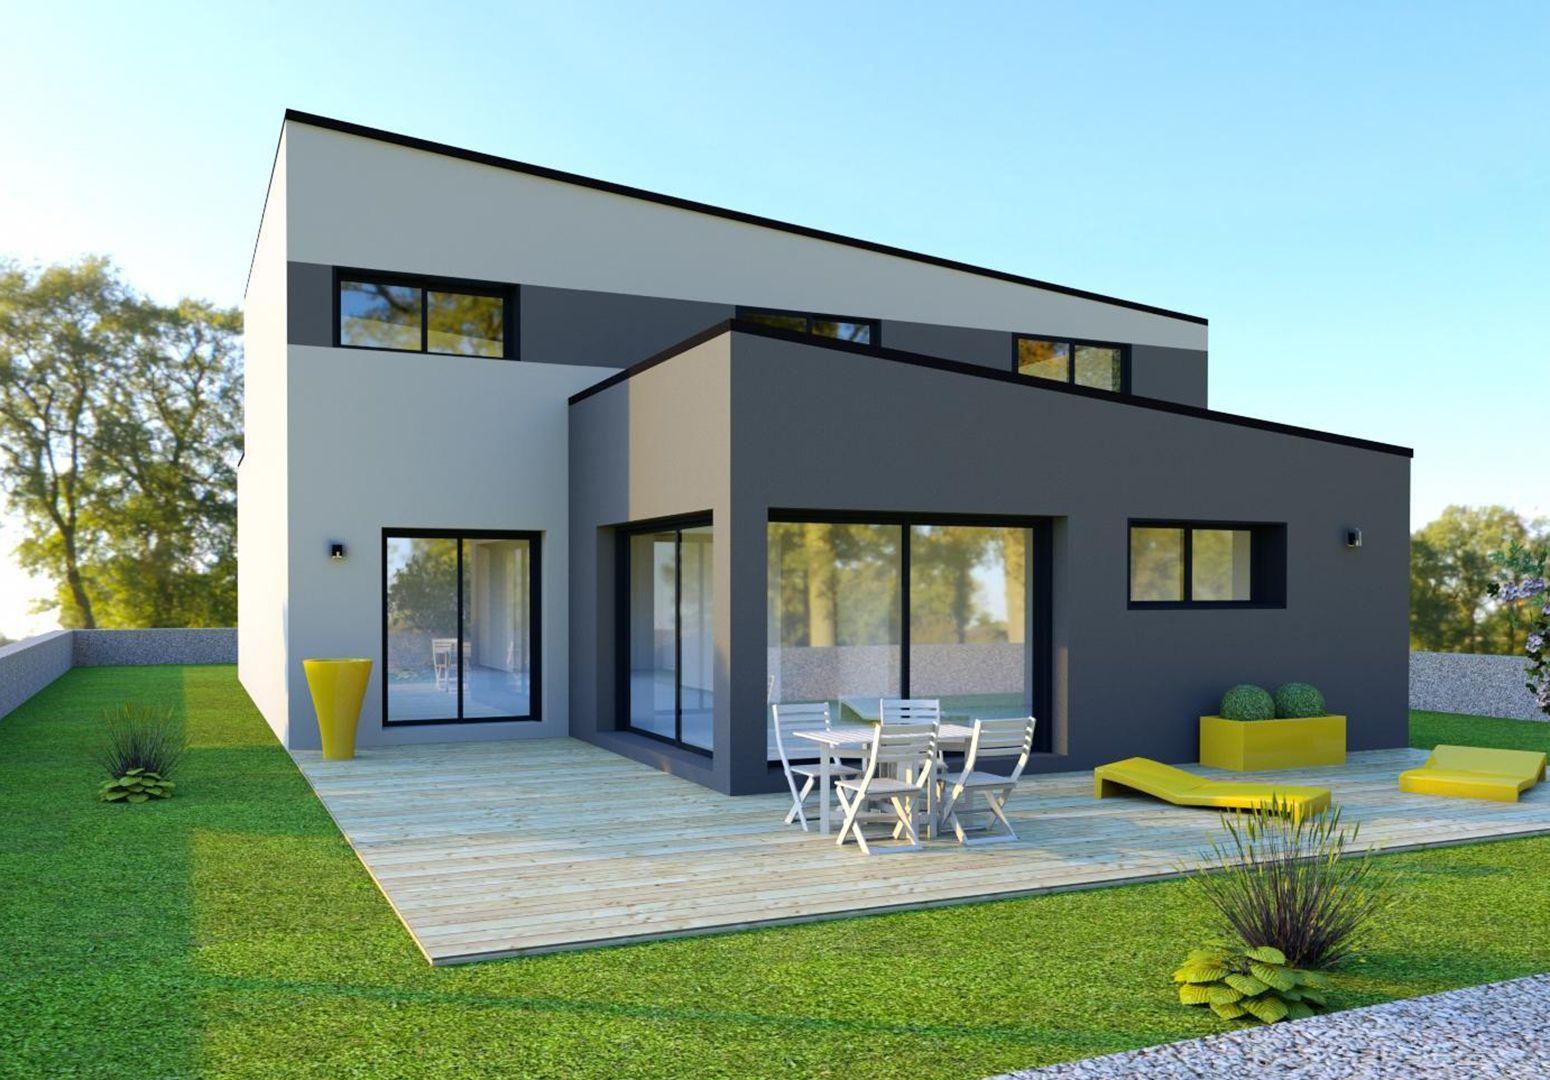 Image du modèle de maison BROONS 5CH 160